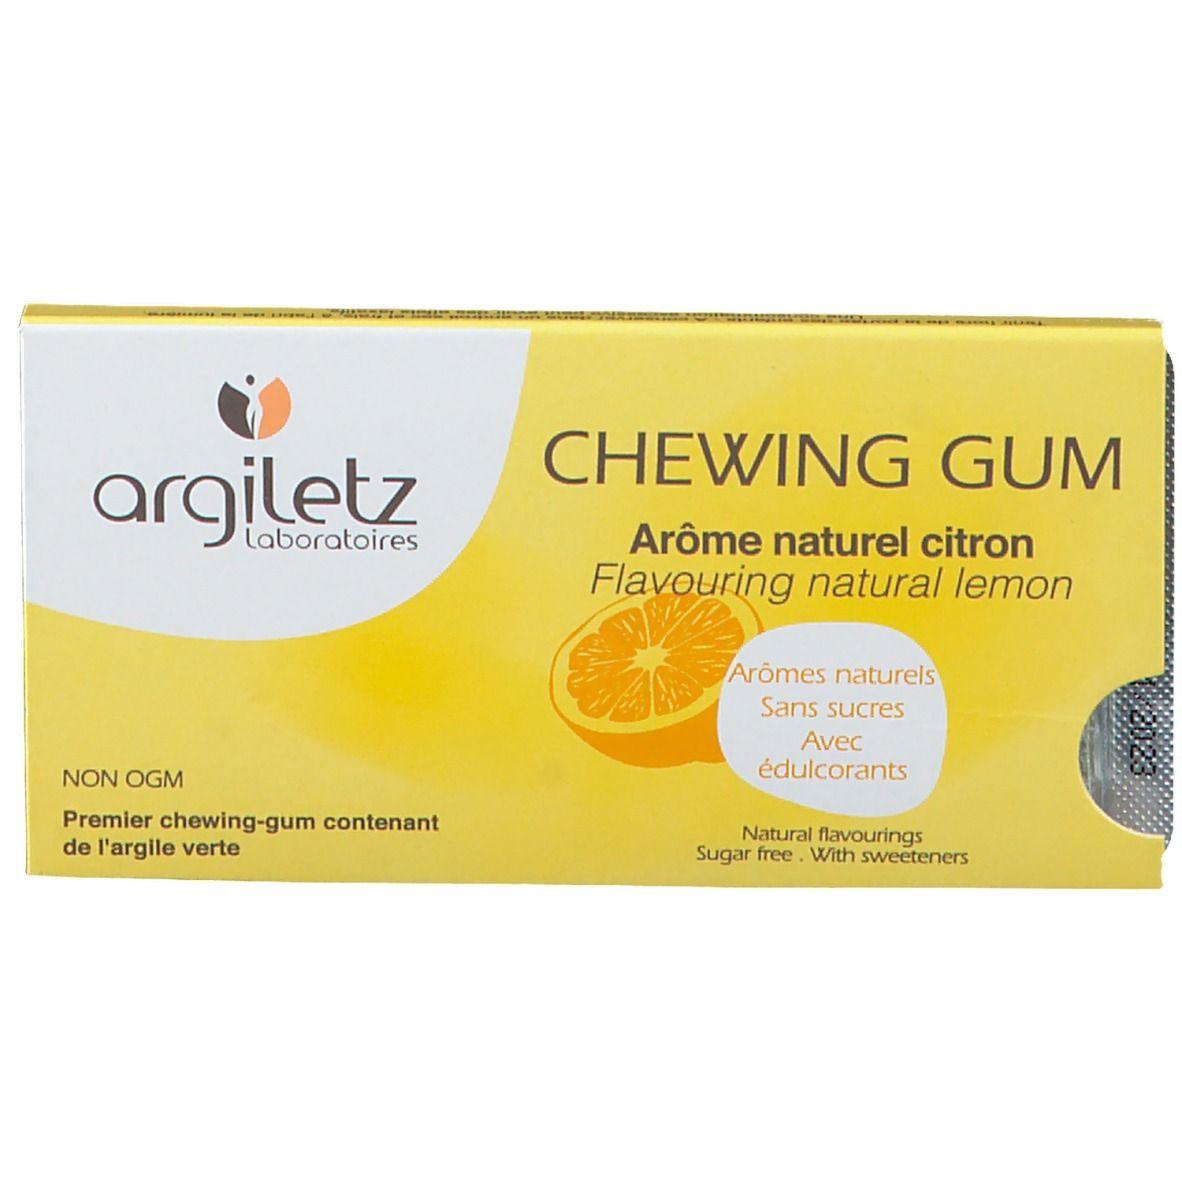 Argiletz Argil'Gum citron sans sucre pc(s) chewing-gum(s)